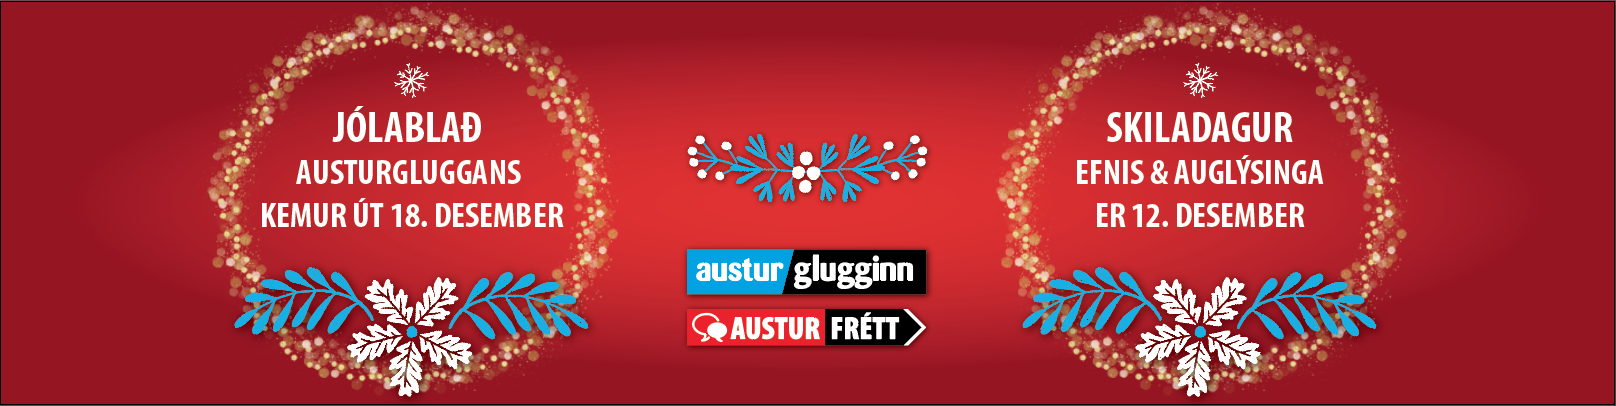 Jólablað Austurglugginn Austurfrétt 2018